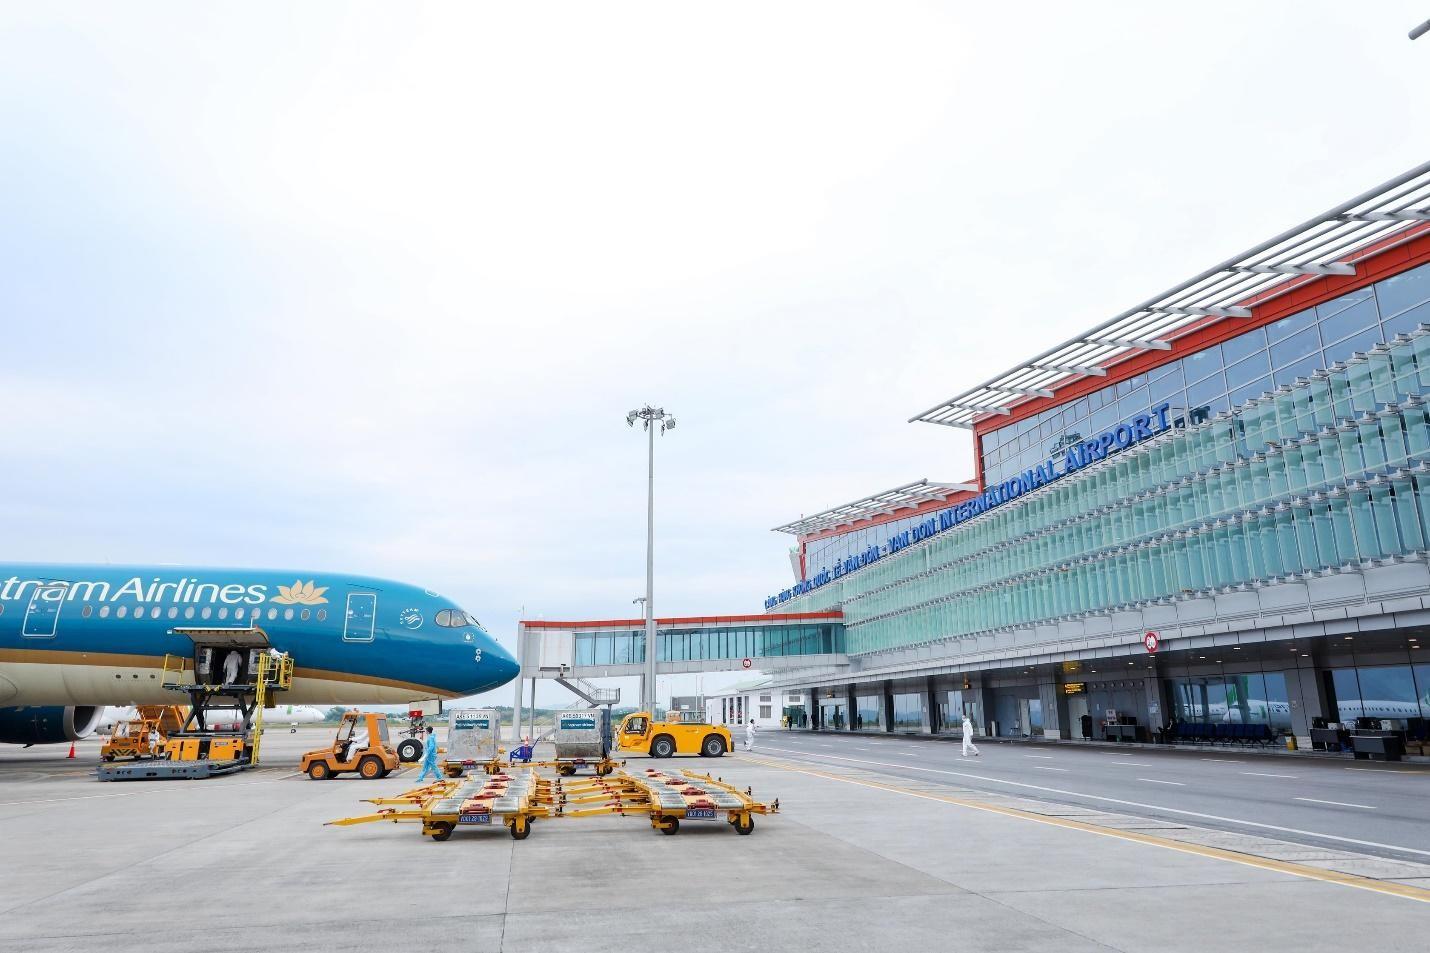 Hệ thống công nghệ tại sân bay hiện đại nhất Việt Nam có gì? - Ảnh 10